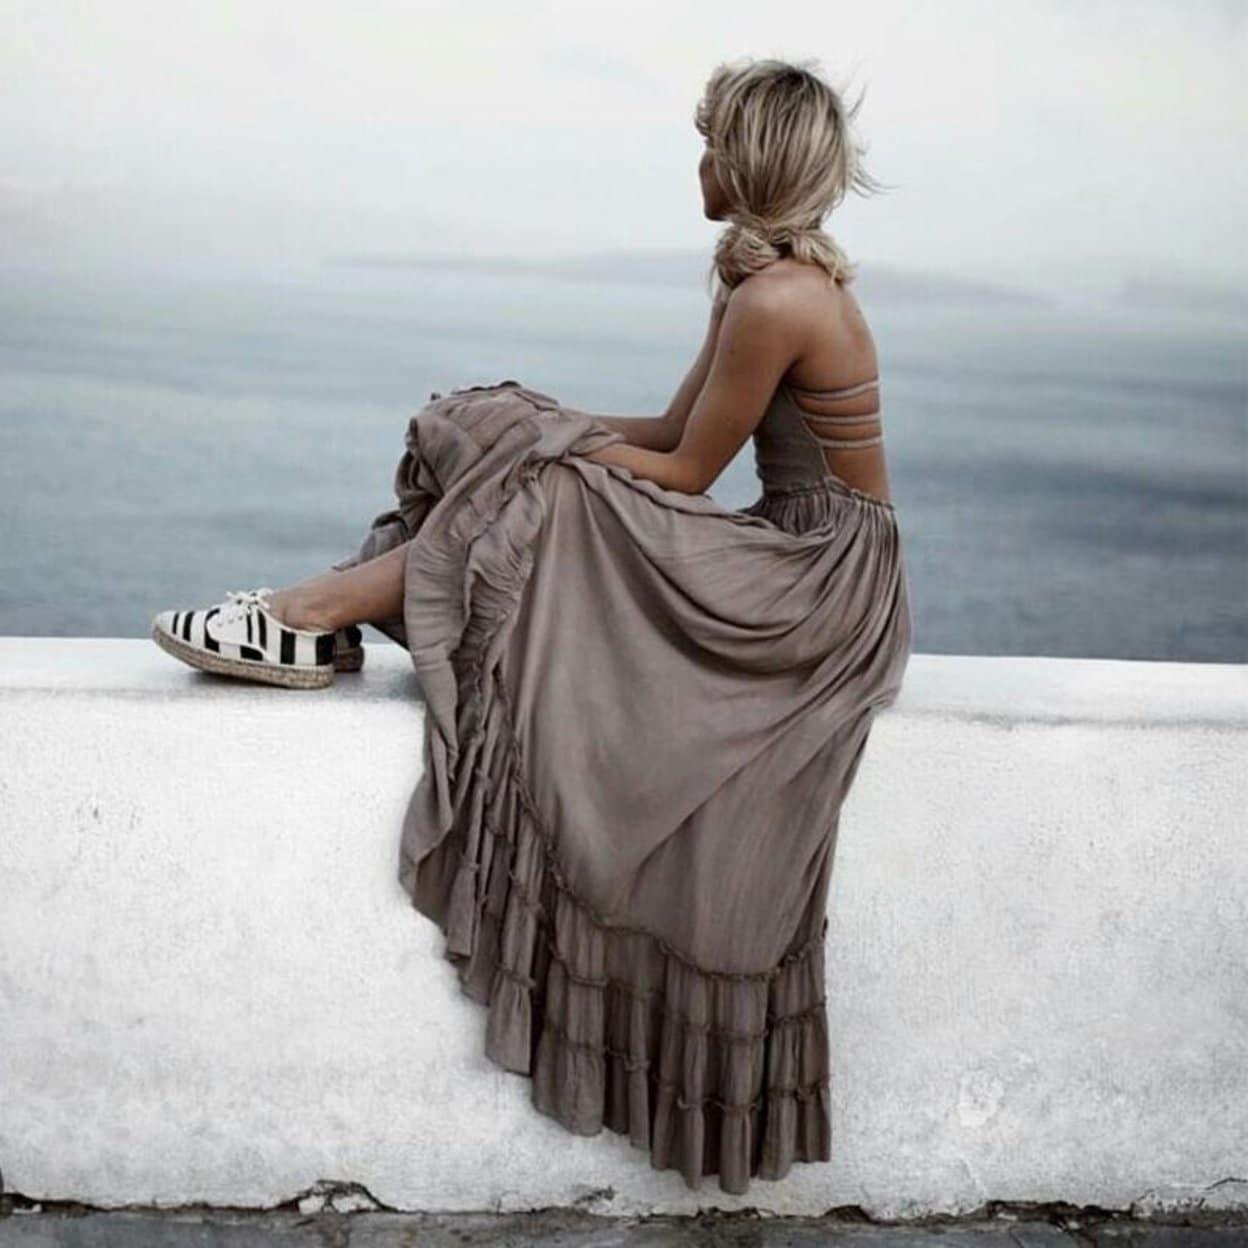 b270e9f64f6cb Hot Backless Halter Mixi Dress Casual Ruffles Cotton Linen Dress Boho  Vintage Summer Long Dress Women Vestidos 2017